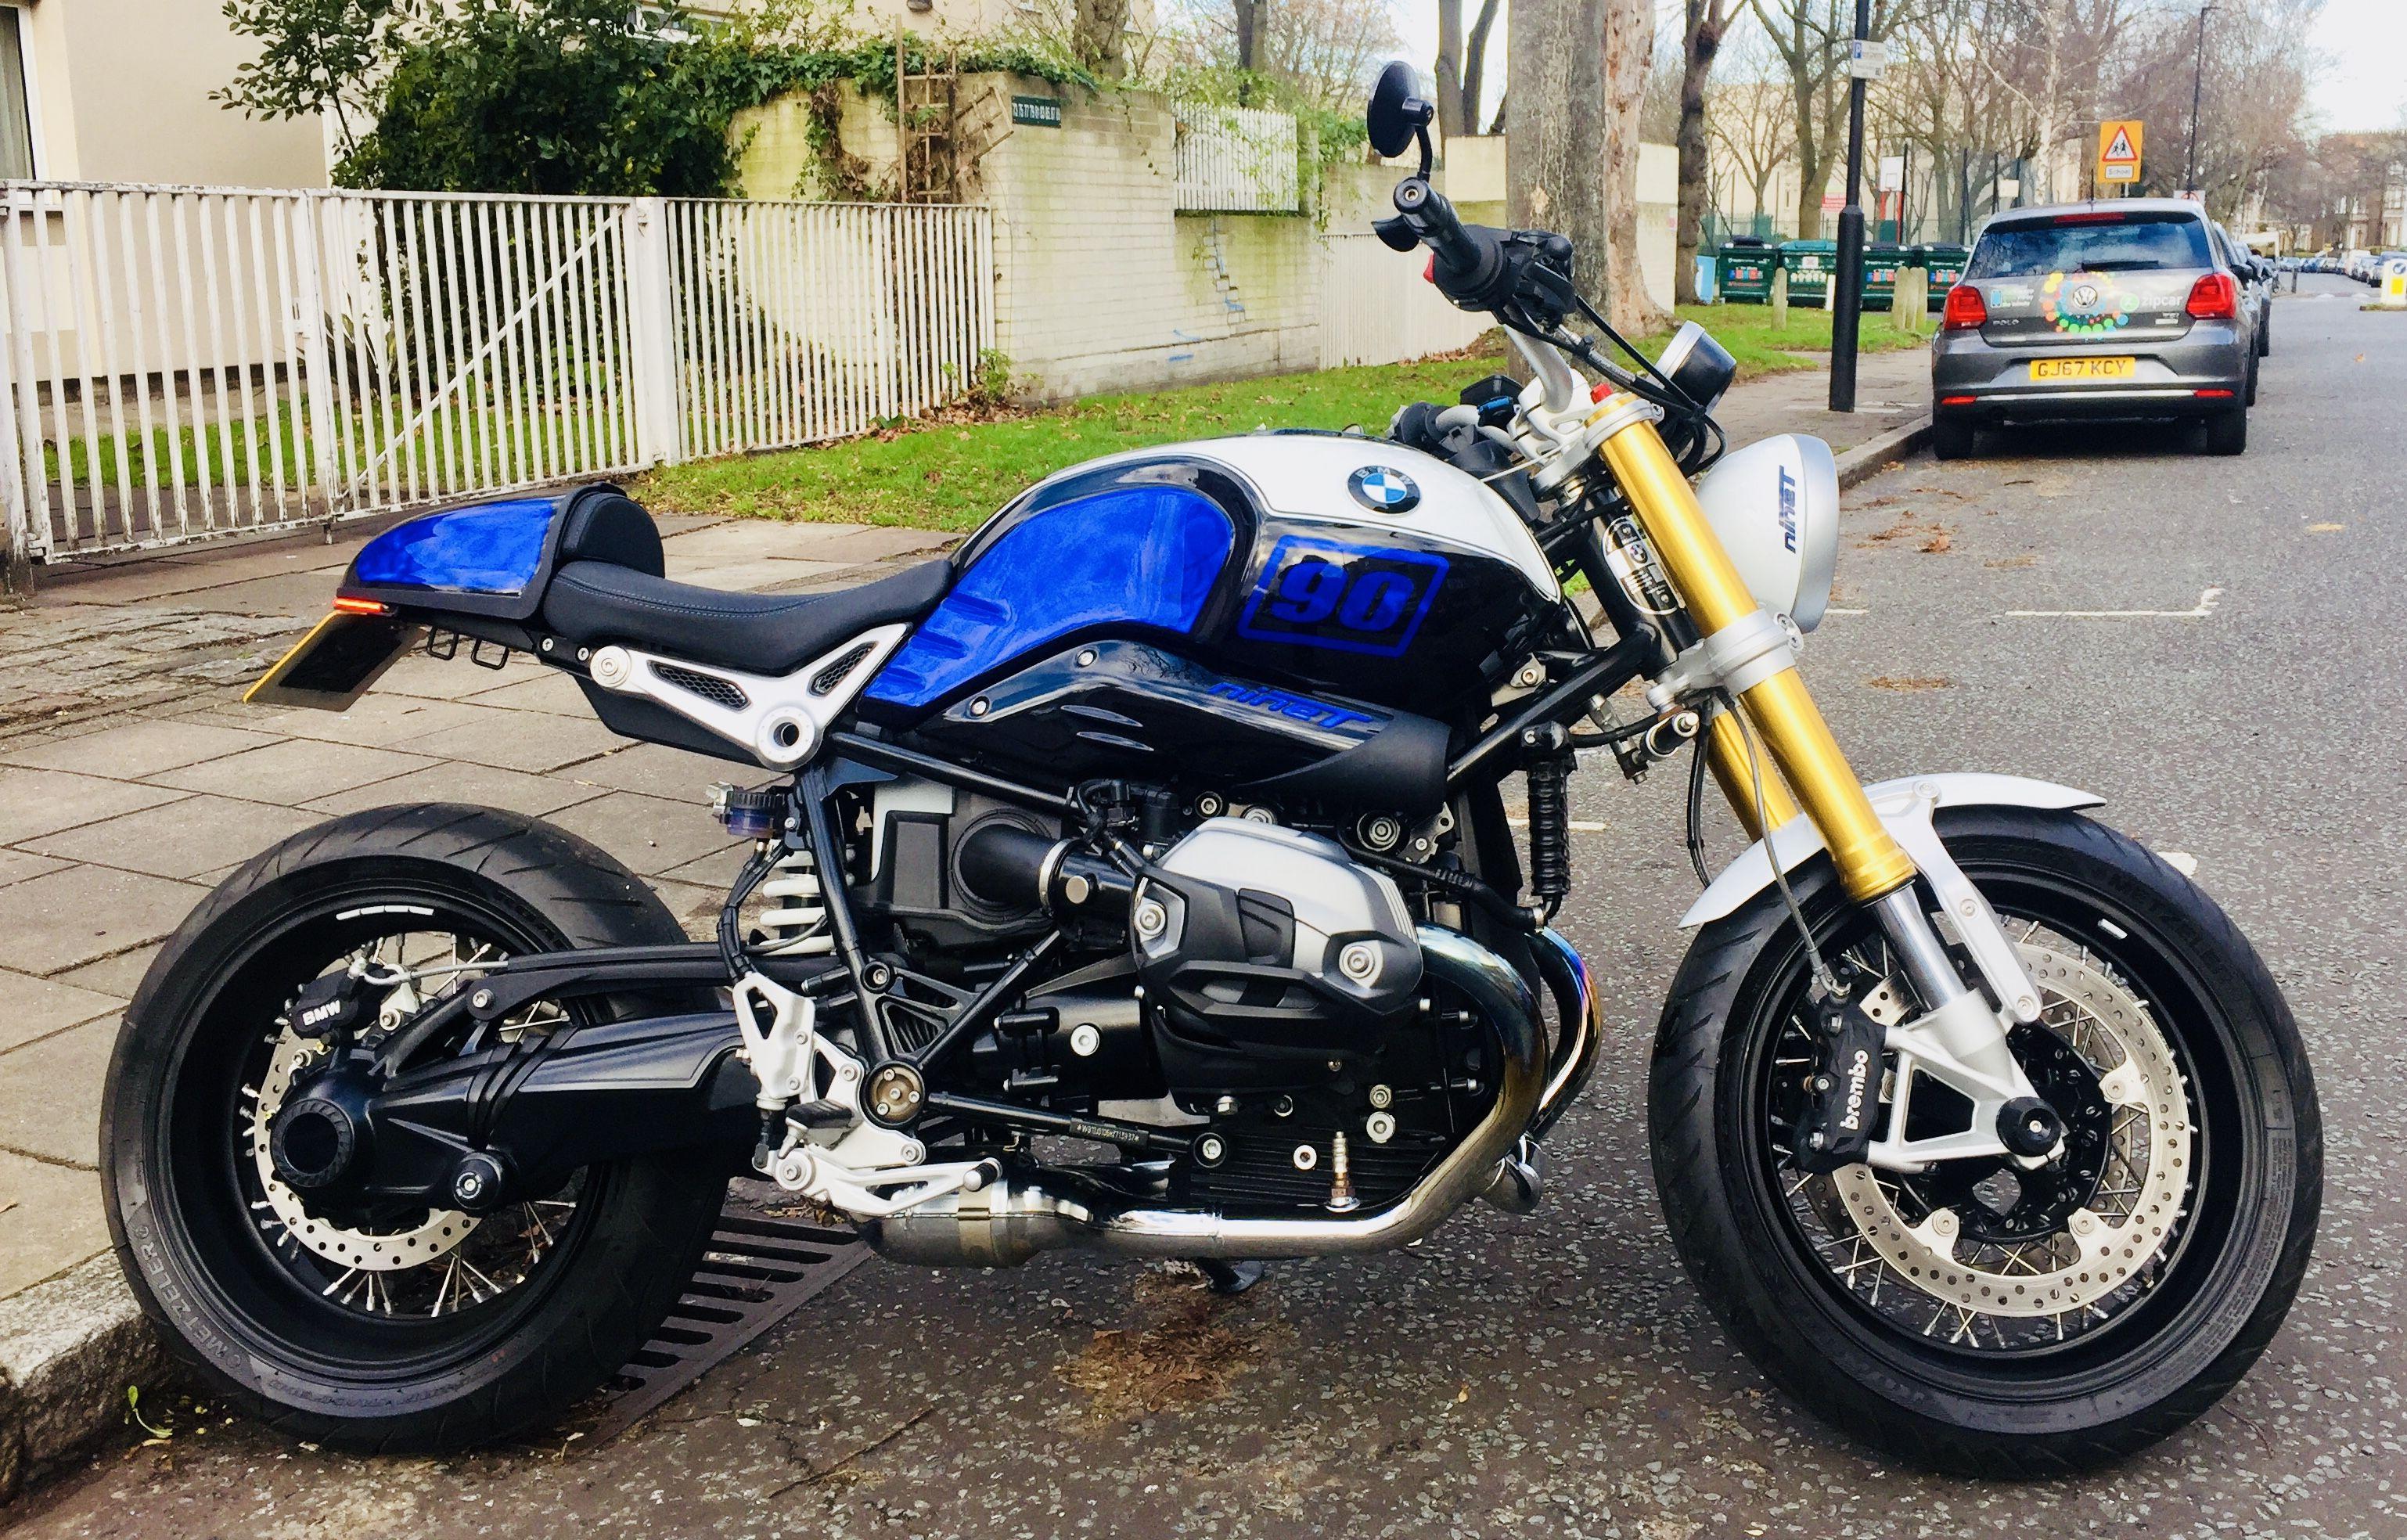 bmw r nine t individual motorrad r9t cafe racer motor. Black Bedroom Furniture Sets. Home Design Ideas